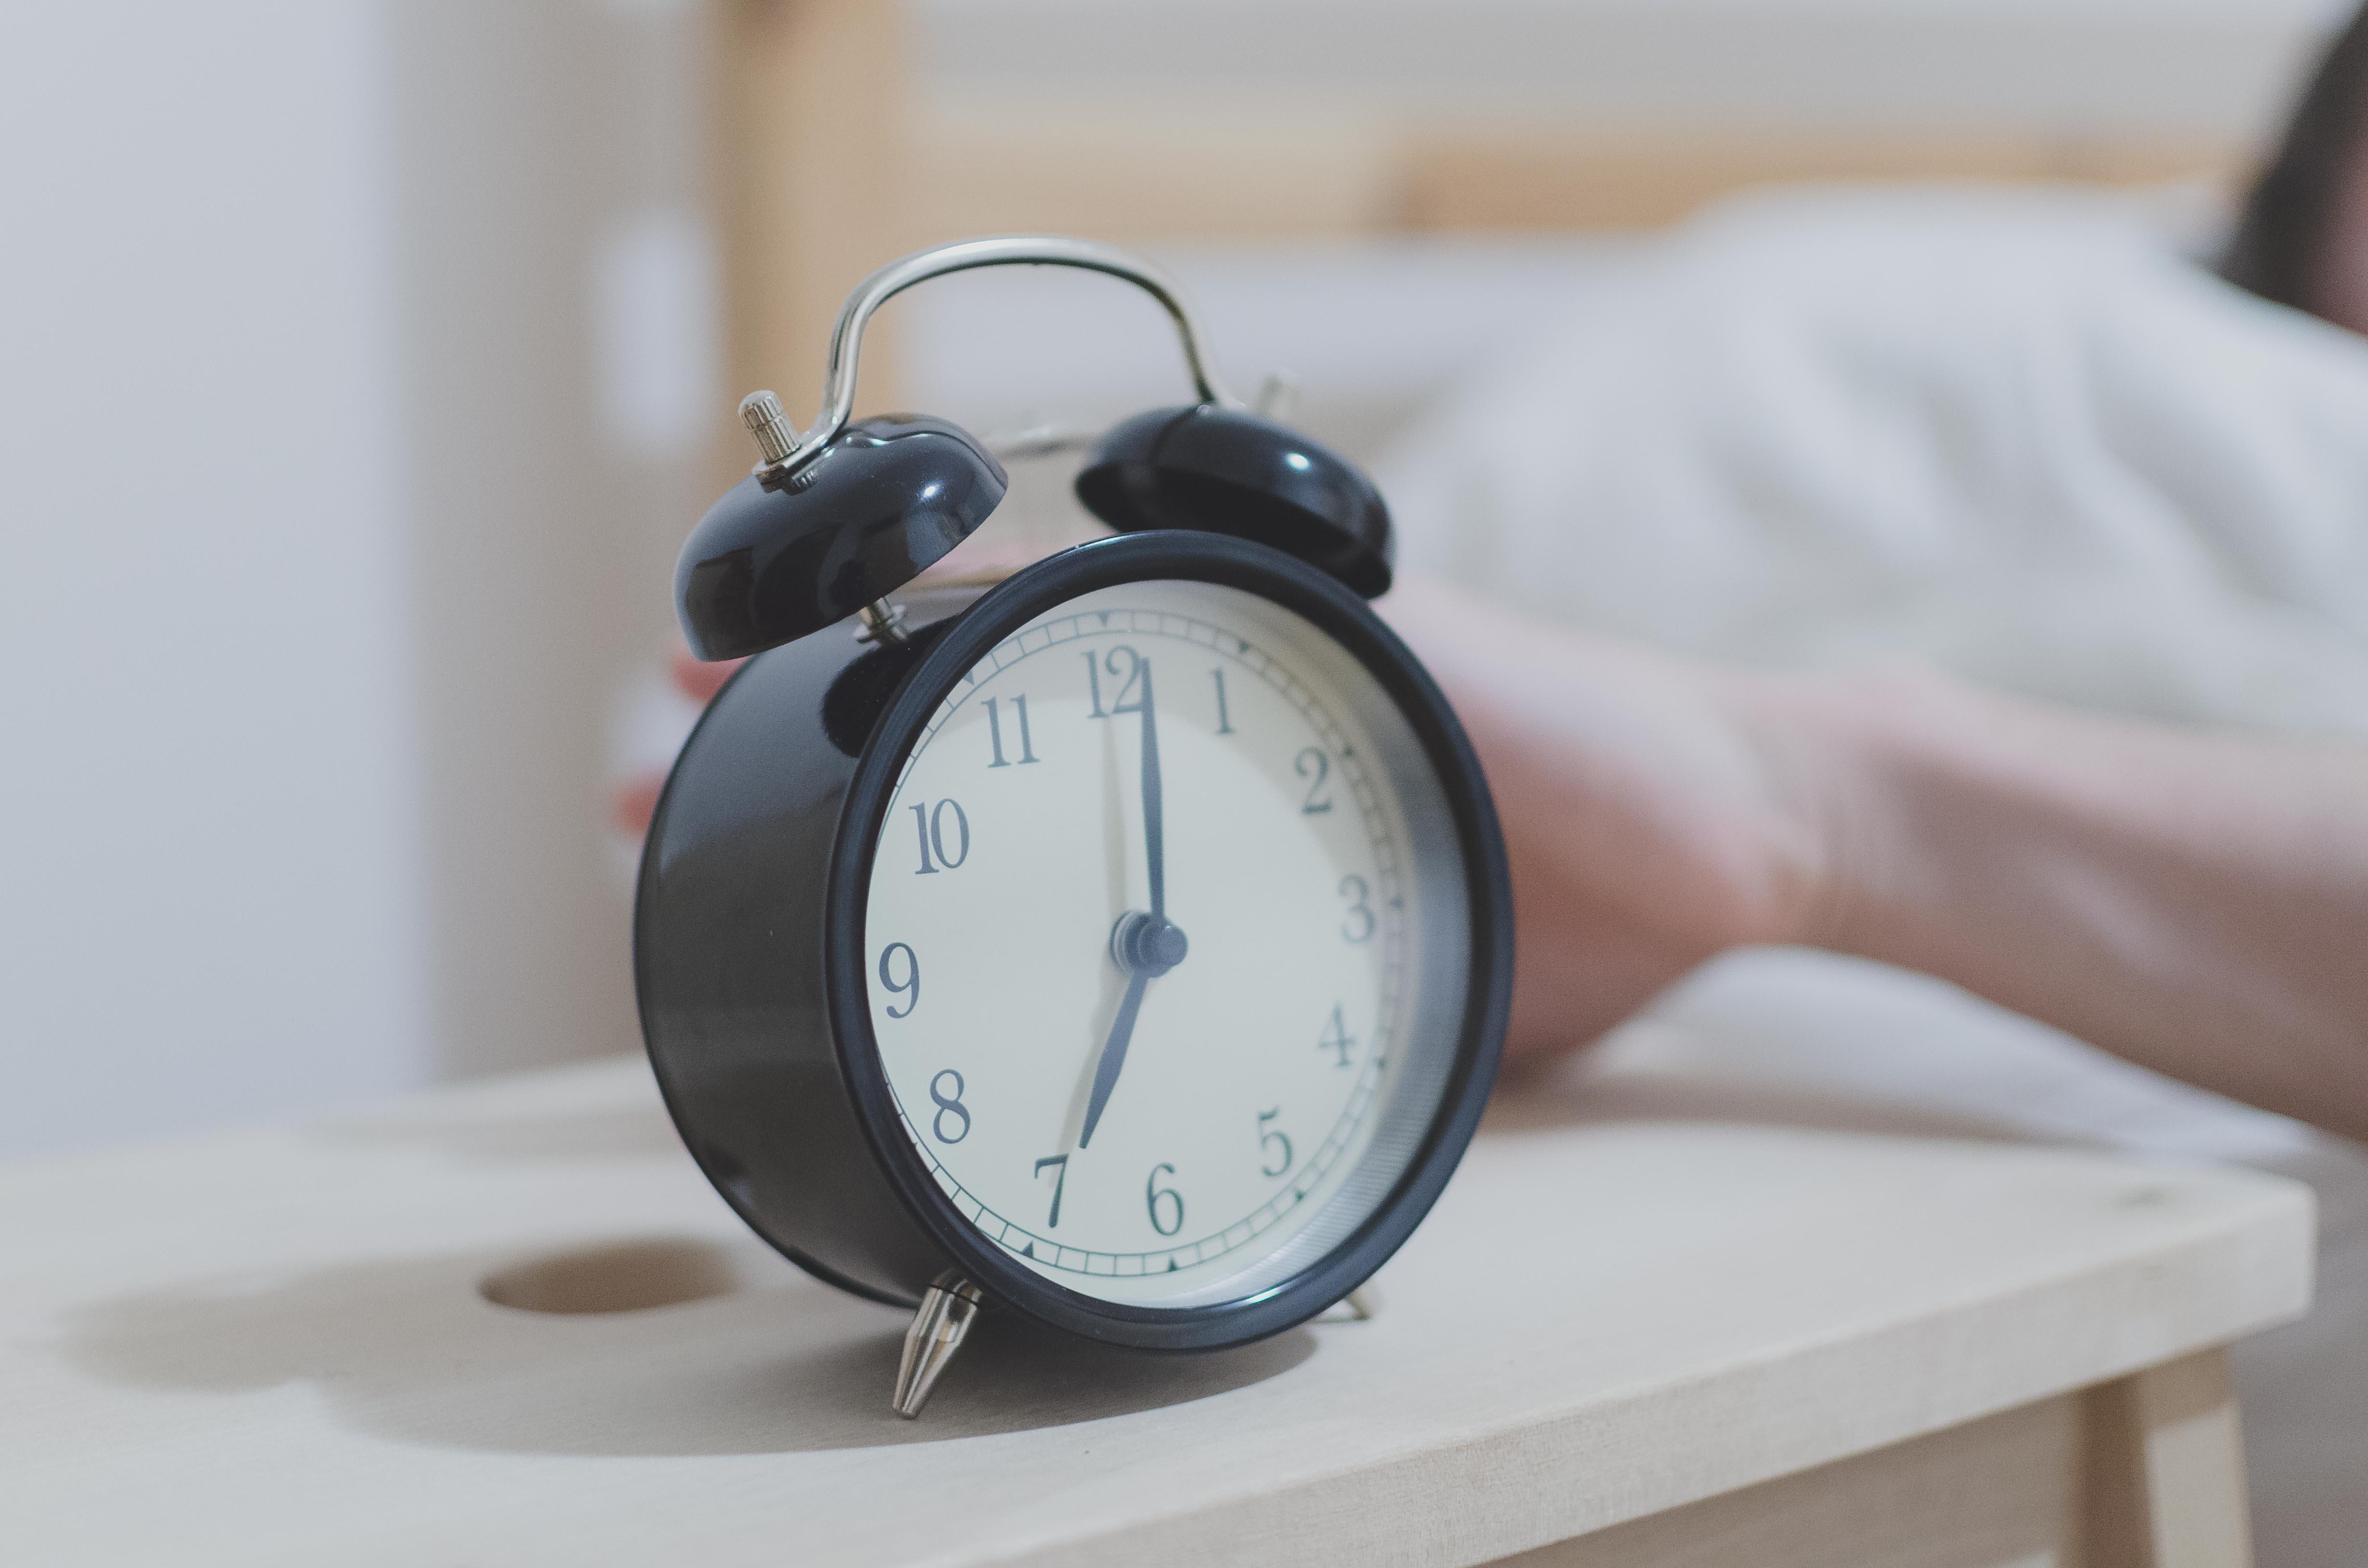 Analog Alarm Clock Displaying 07:00